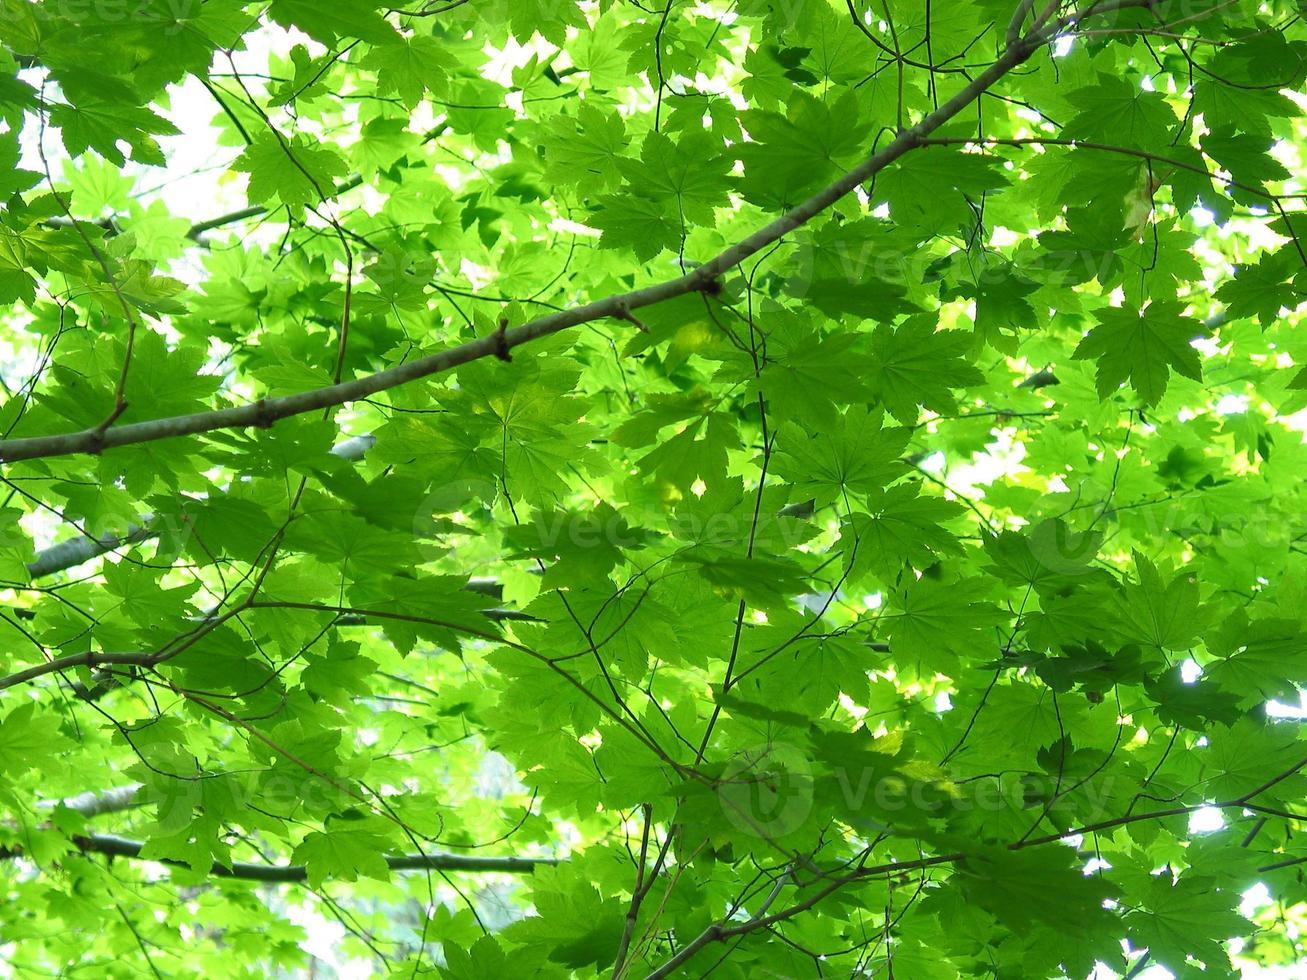 heldergroene esdoornbladeren van onderen foto